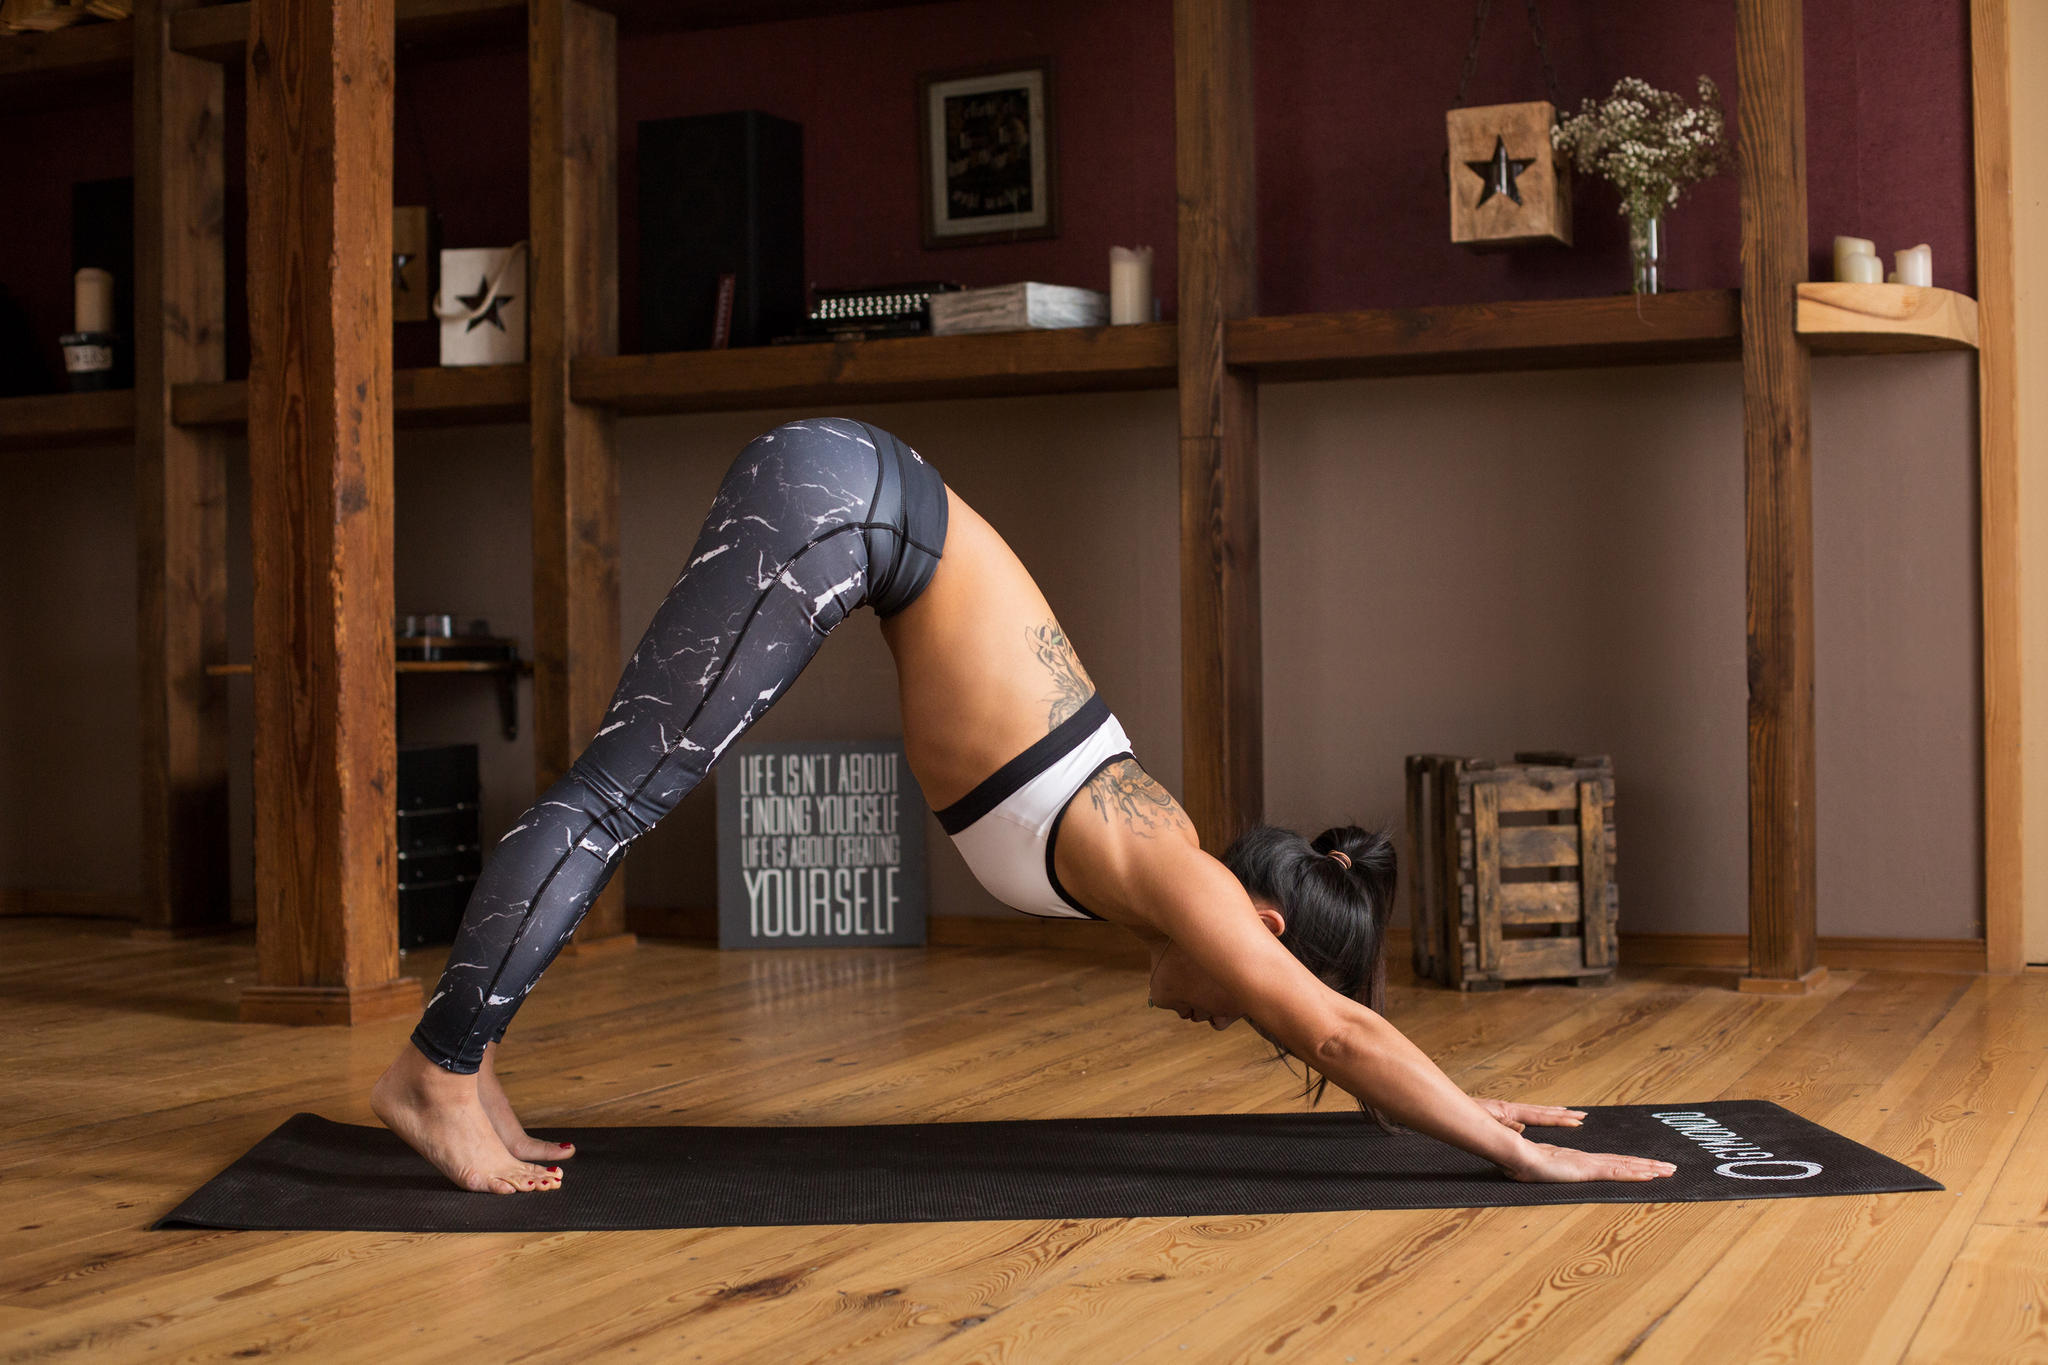 Mit der nächsten Ausatmung stellst du den zweiten Fuß nach hinten und schiebst dann die Hüfte hoch und zurück. Deine Hände bleiben dabei schulterweit aufgesetzt, die Finger gespreizt. Halte die Arme gestreckt, während du dich mit beiden Händen aktiv zurückdrückst. Dein Rücken ist lang und gerade und bildet nun mit deinen Armen eine Linie. Halte den Nacken bewusst entspannt, den Kopf locker und ziehe die Schultern von den Ohren weg. Deine Beine können leicht gebeugt bleiben. Bei guter Flexibilität der Beinrückseiten kannst du die Beine auch strecken. Deine Füße bleiben hüftbreit aufgestellt, die Fersen drücken Richtung Boden. Reicht die Beweglichkeit der Waden noch nicht aus können die Fersen auch angehoben bleiben – der Haupt Fokus liegt auf einem geraden Rücken.